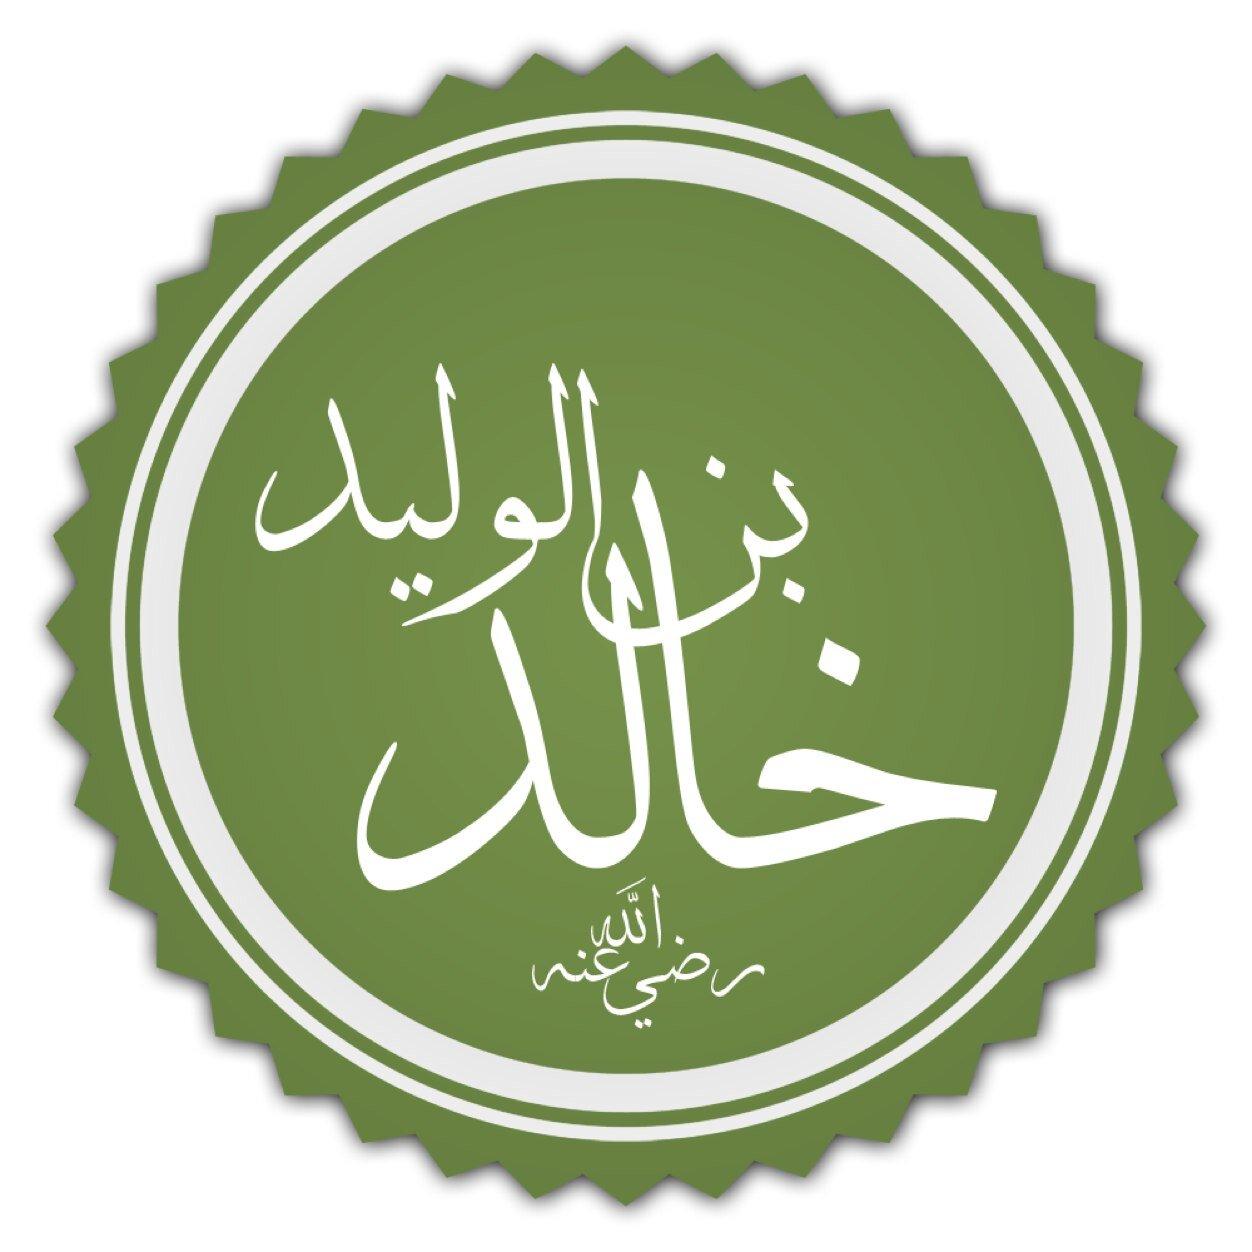 خالد بن الوليد رضي الله عنه